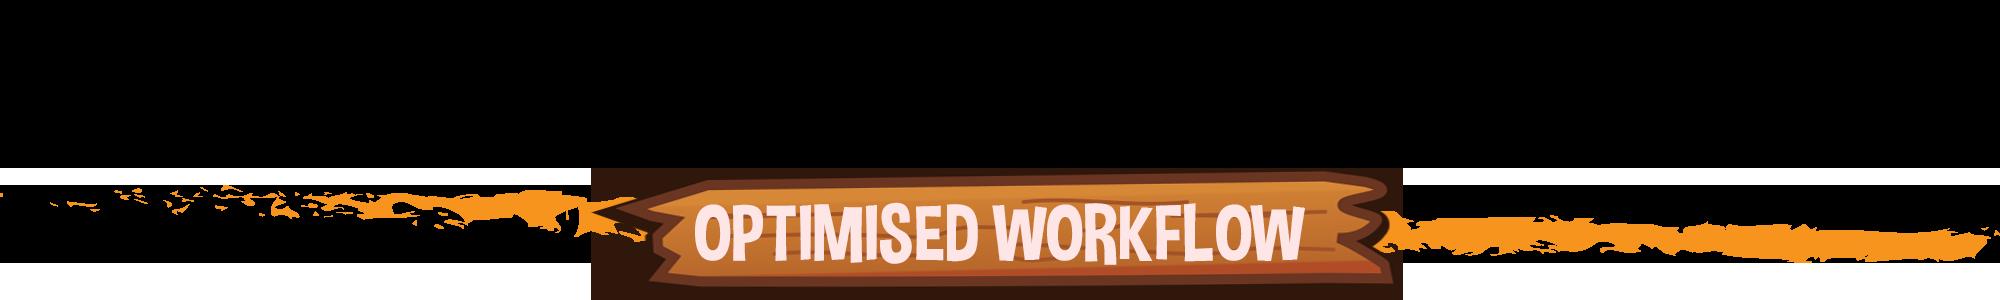 Optimised Workflow